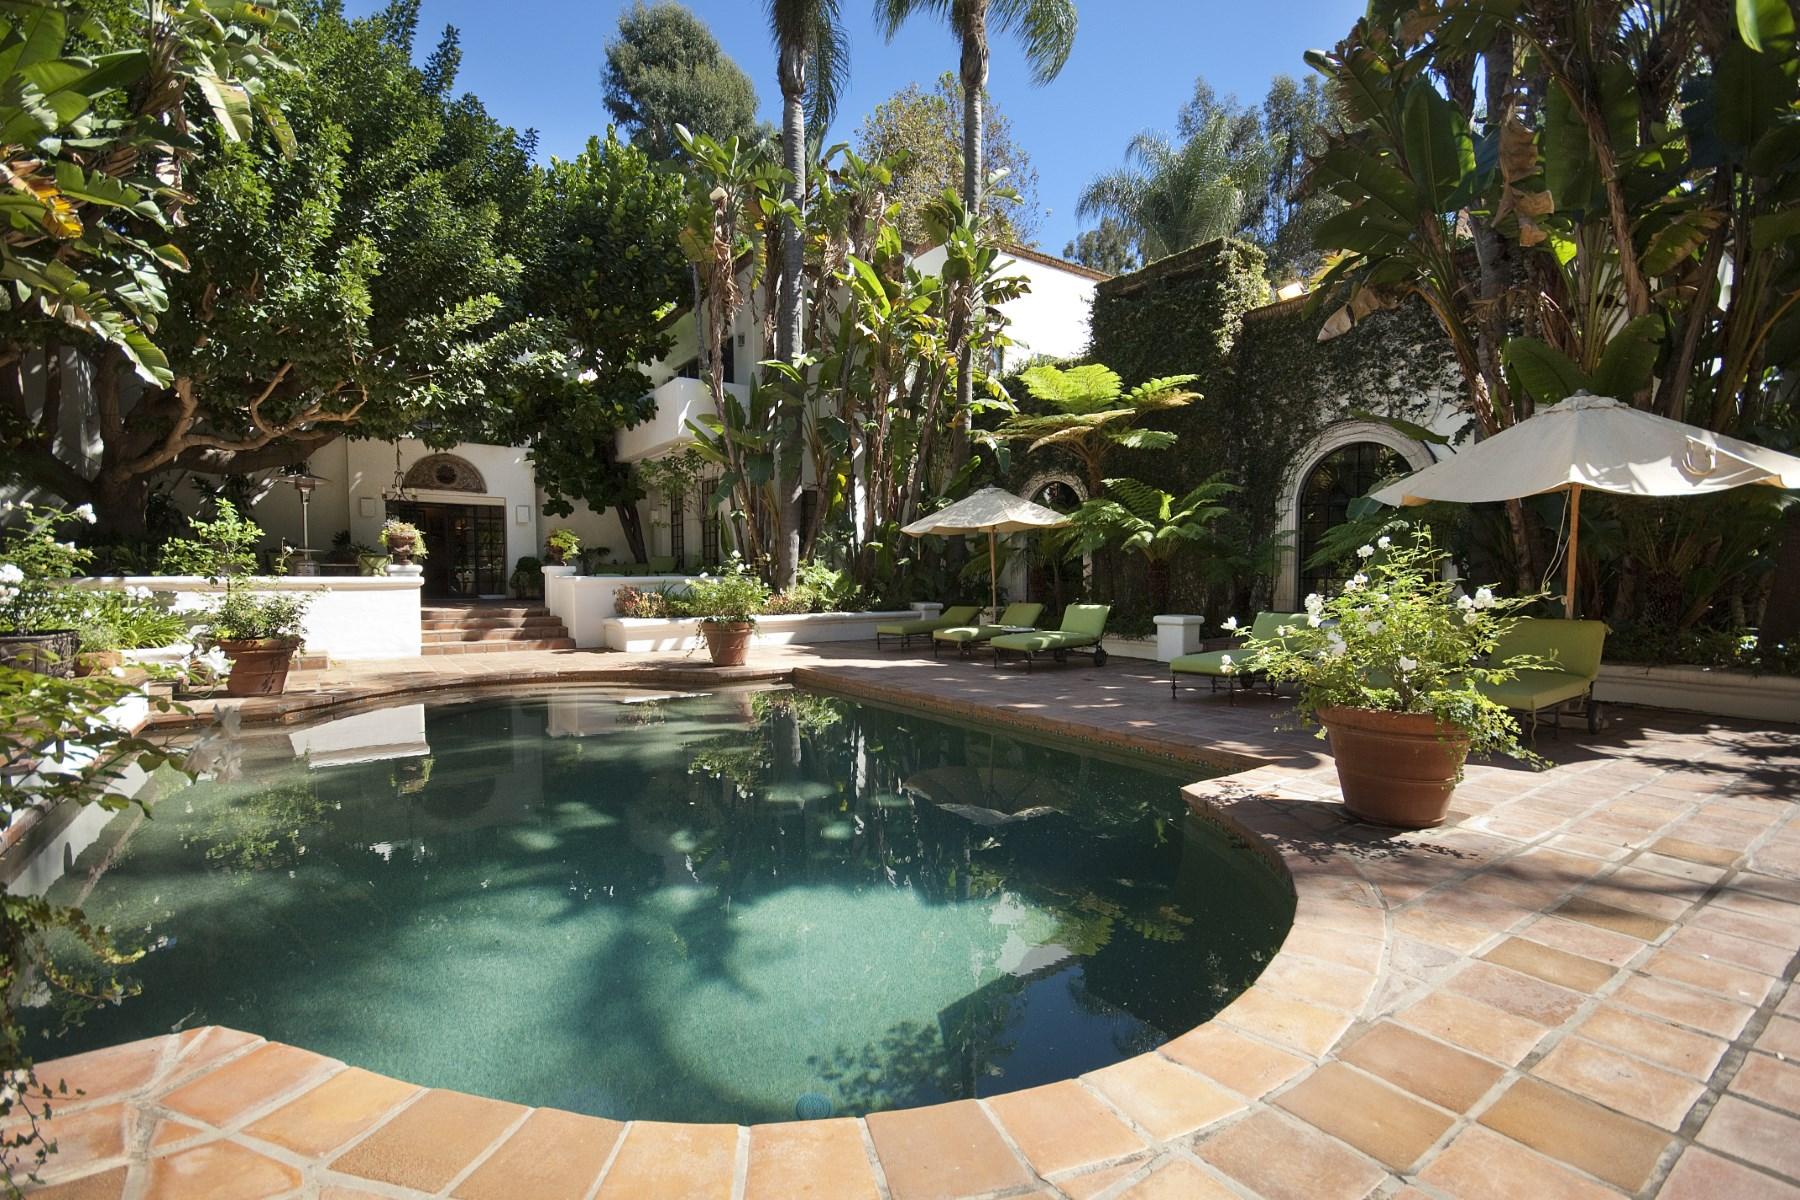 Частный односемейный дом для того Продажа на Serra Retreat Spanish Colonial 23111 Mariposa De Oro Street Malibu, Калифорния, 90265 Соединенные Штаты